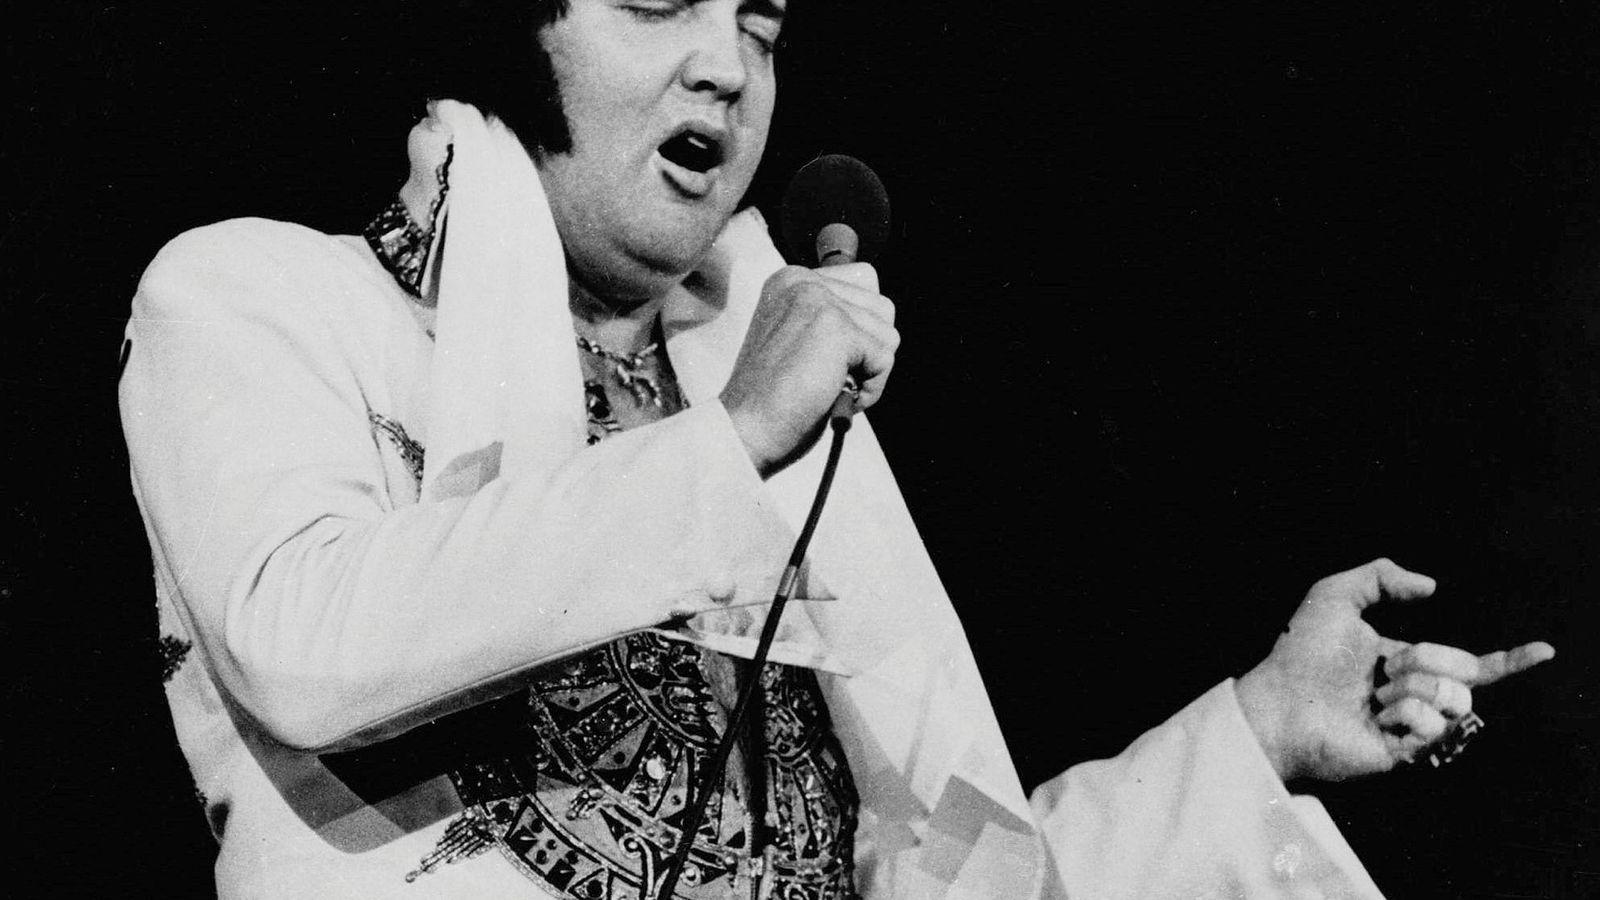 Elvis Presley oppnådde en eventyrlig suksess, men hadde muligens ingen god plan for hvordan takle tilværelsen etterpå.